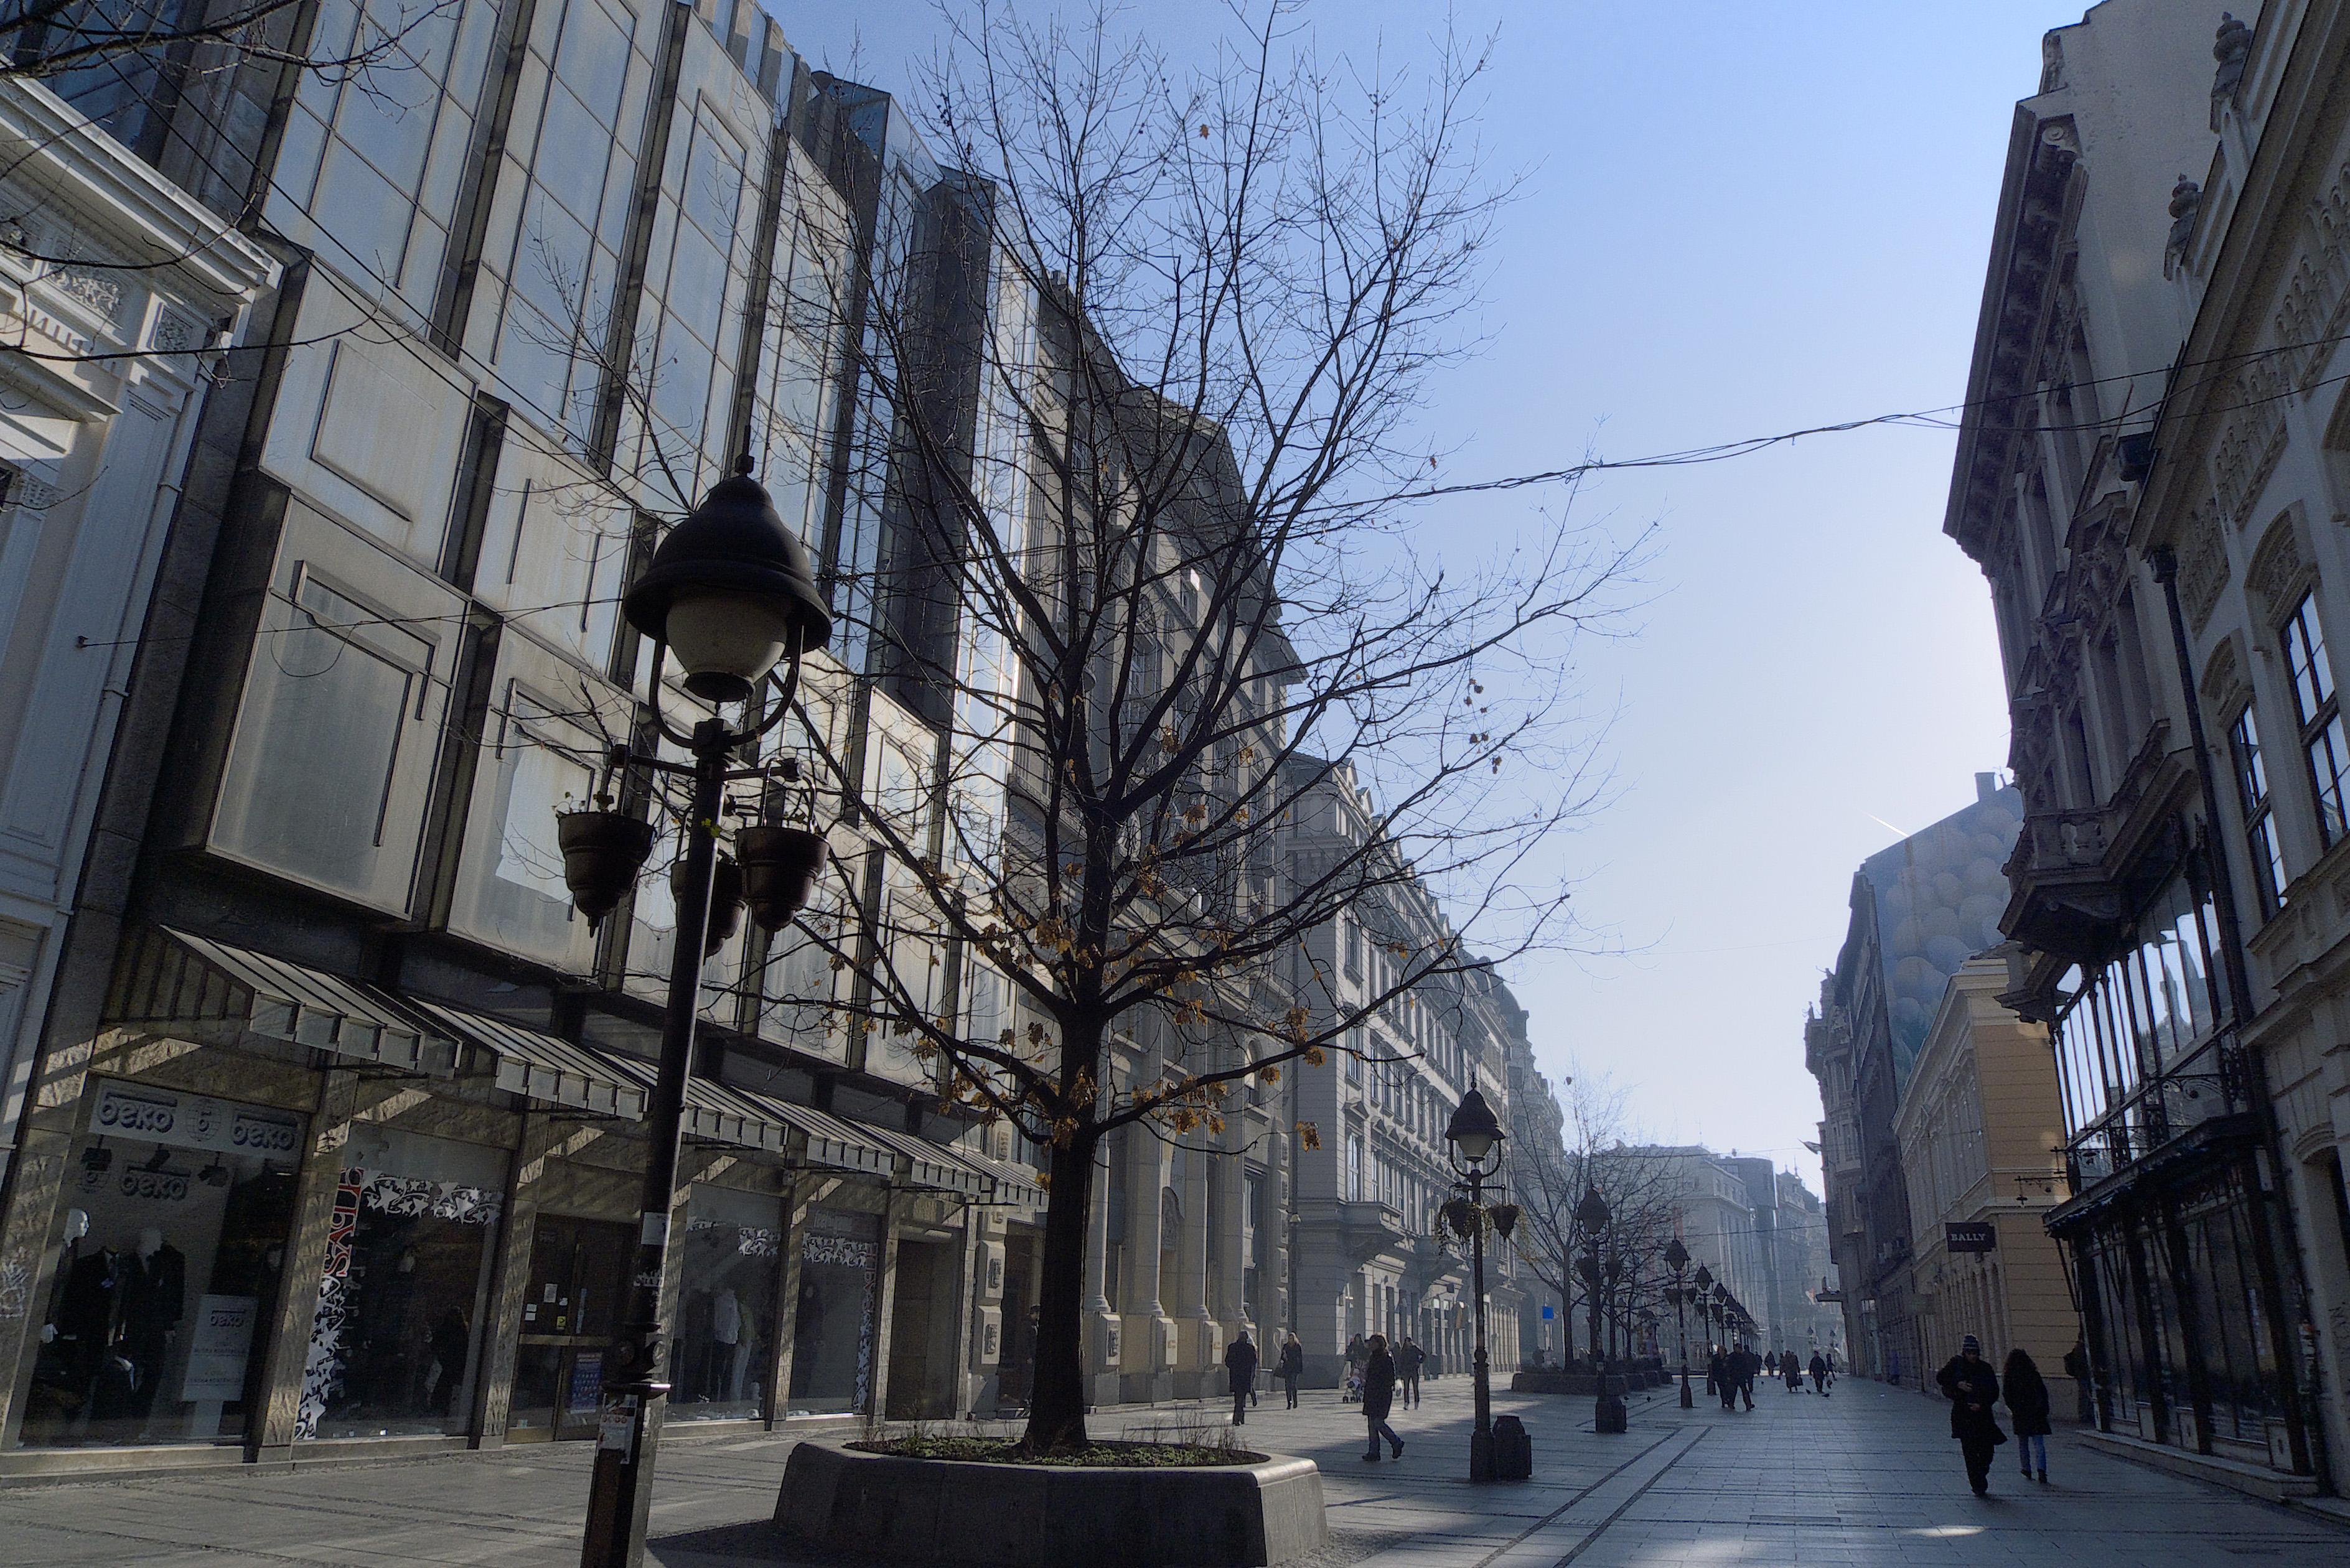 Beograd u slici %D0%91%D0%B5%D0%BE%D0%B3%D1%80%D0%B0%D0%B4_Belgrade_%E3%83%99%E3%82%AA%E3%82%B0%E3%83%A9%E3%83%BC%E3%83%89_%E8%B4%9D%E5%B0%94%E6%A0%BC%E8%8E%B1%E5%BE%B7_201102